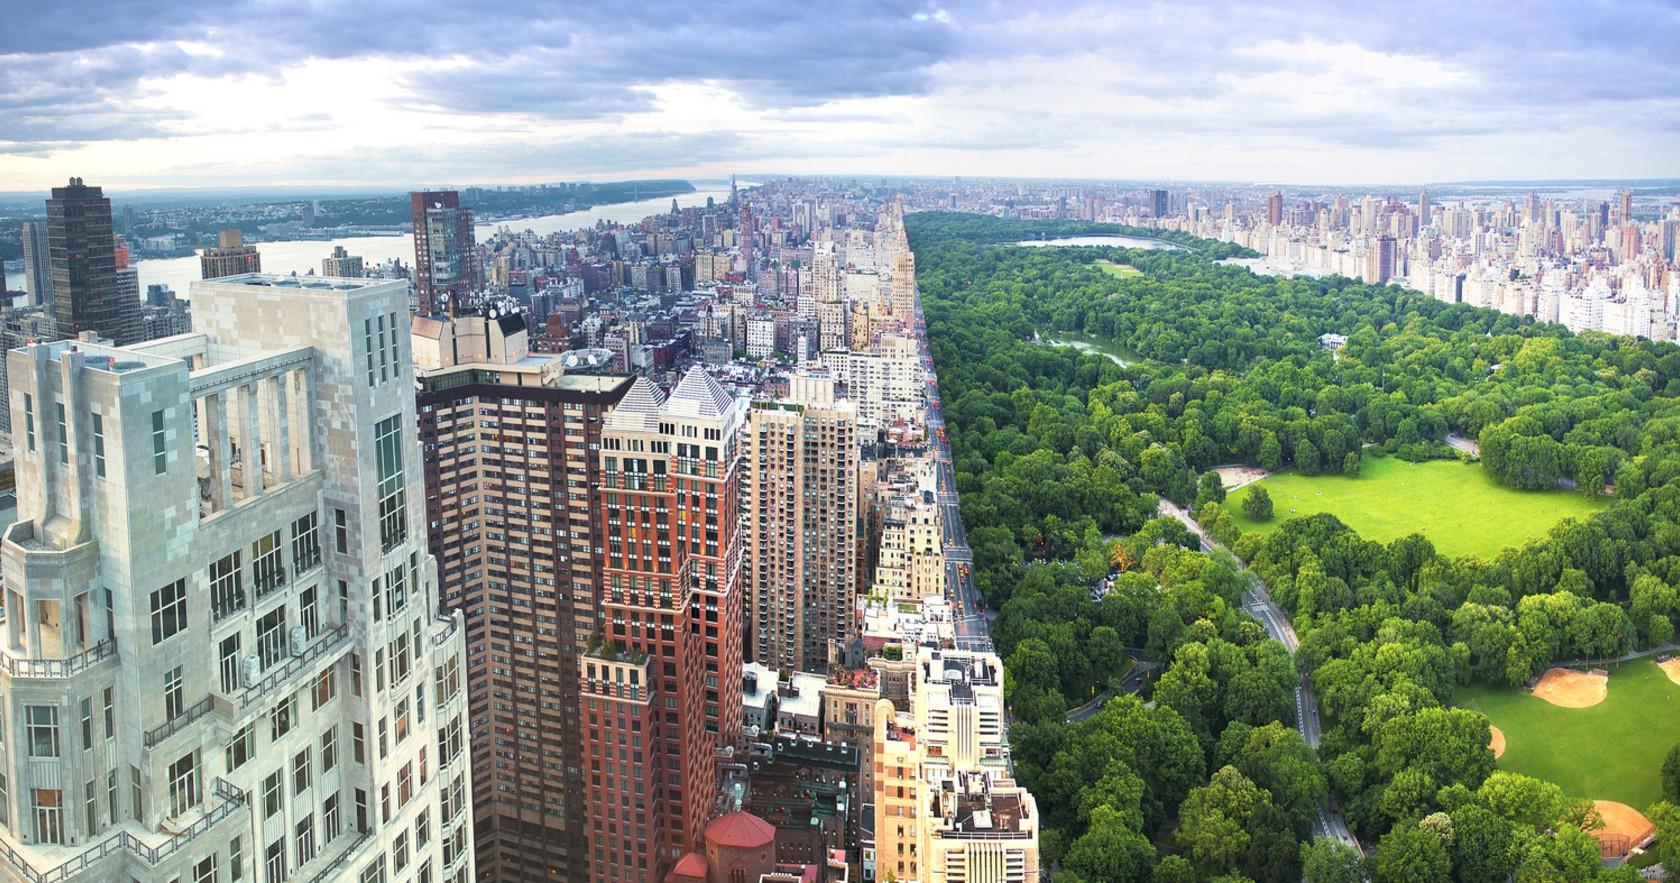 上西区的东边是纽约市的绿肺— 中央公园(Central Park)